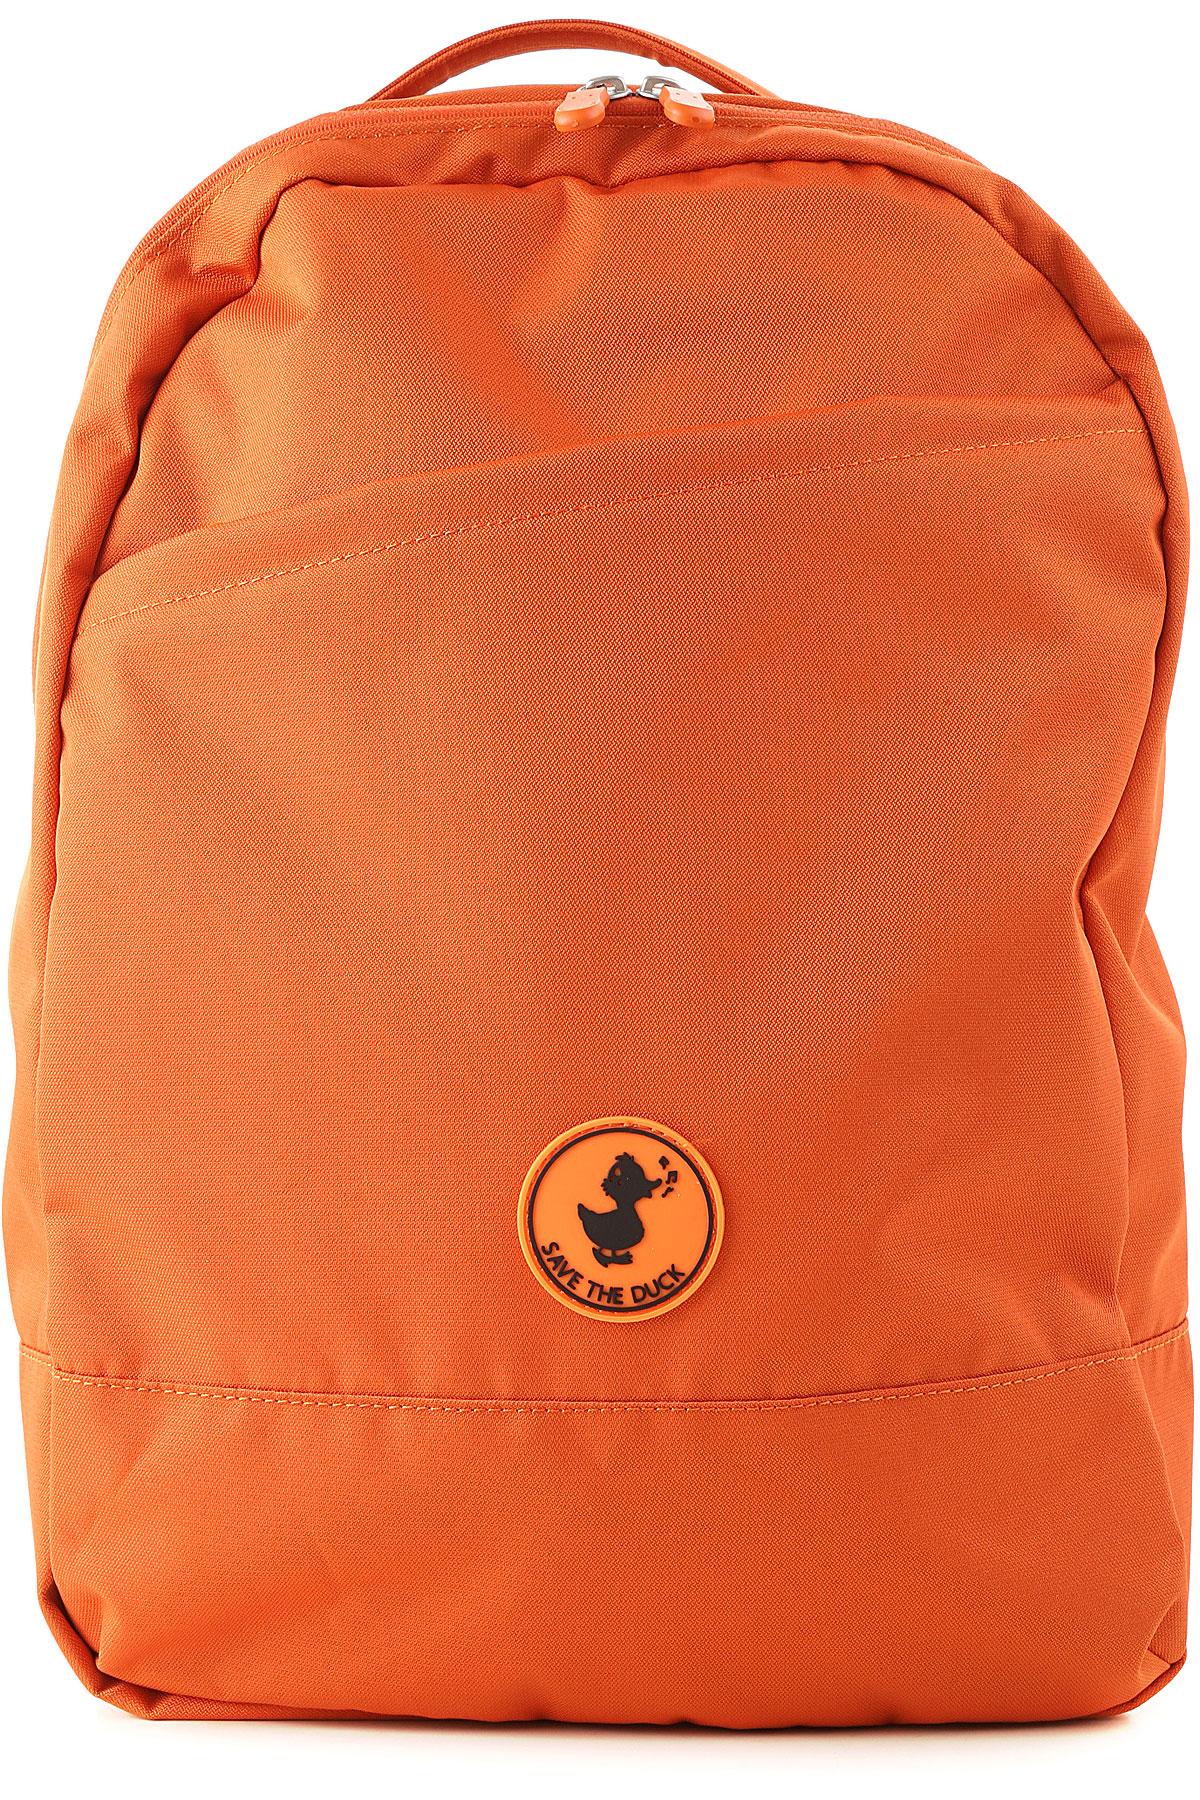 Save the Duck Backpack for Women On Sale, mandarine, Nylon, 2017